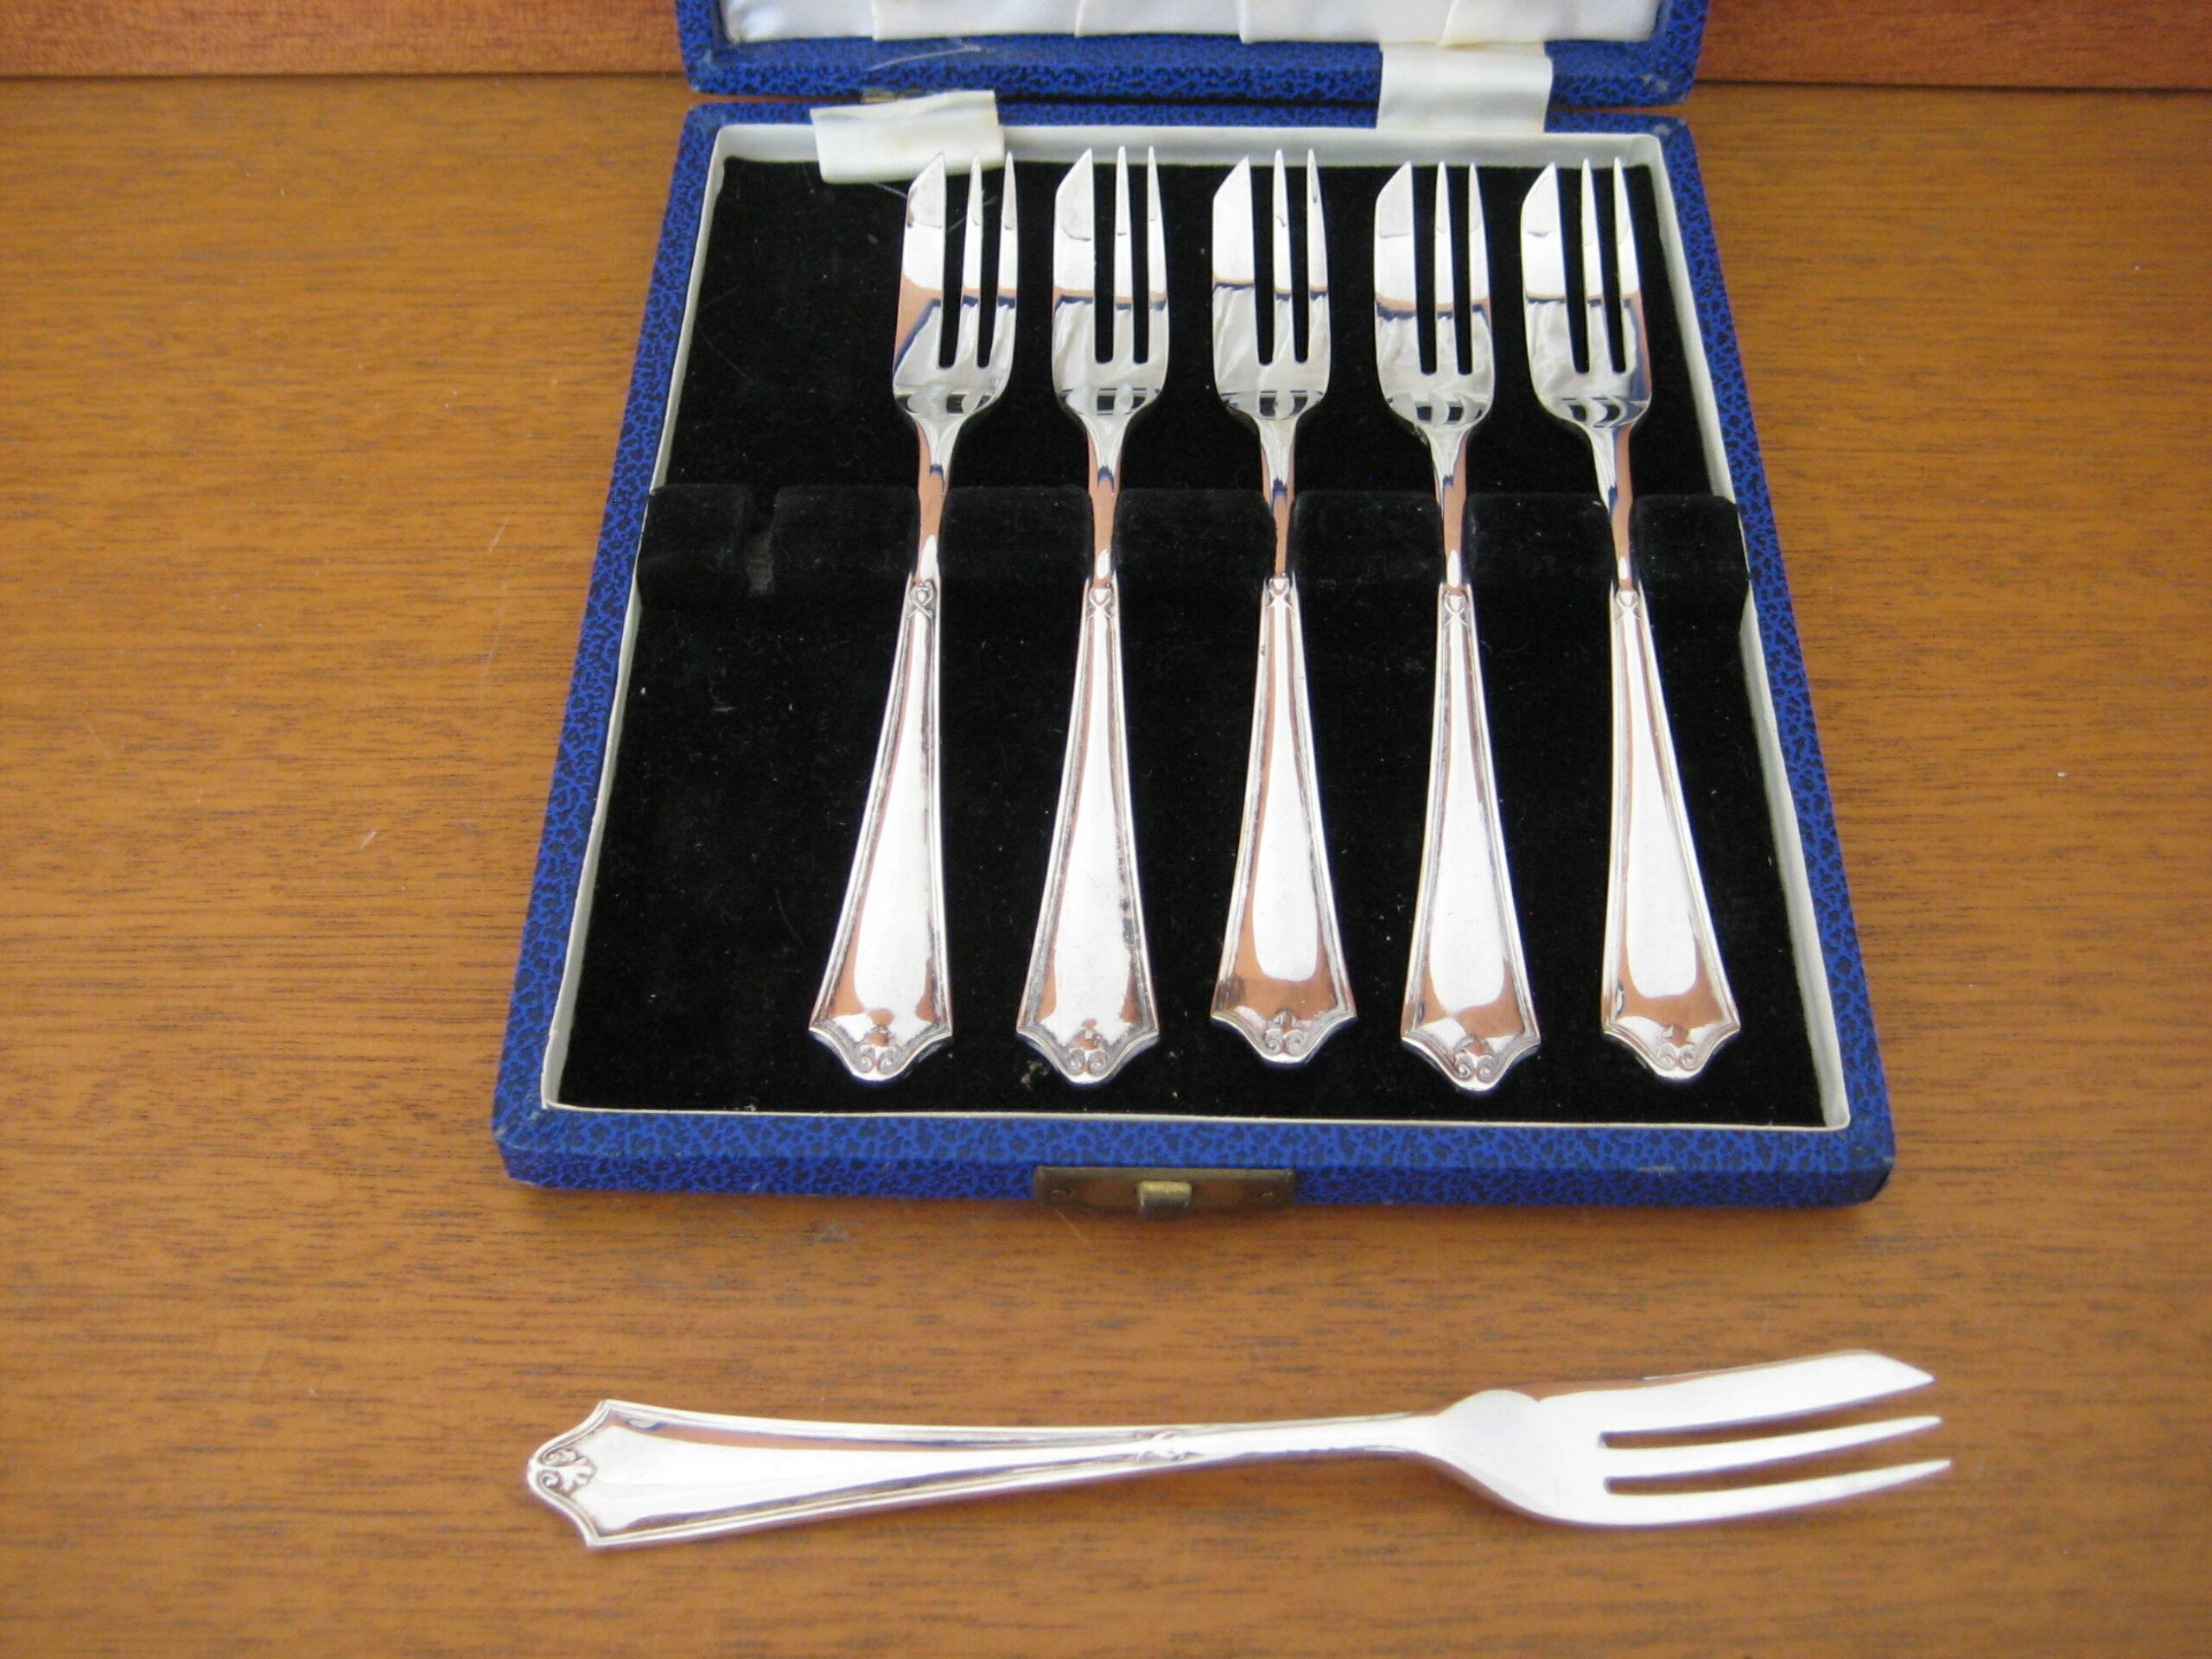 6 kagegafler engelsk sølv